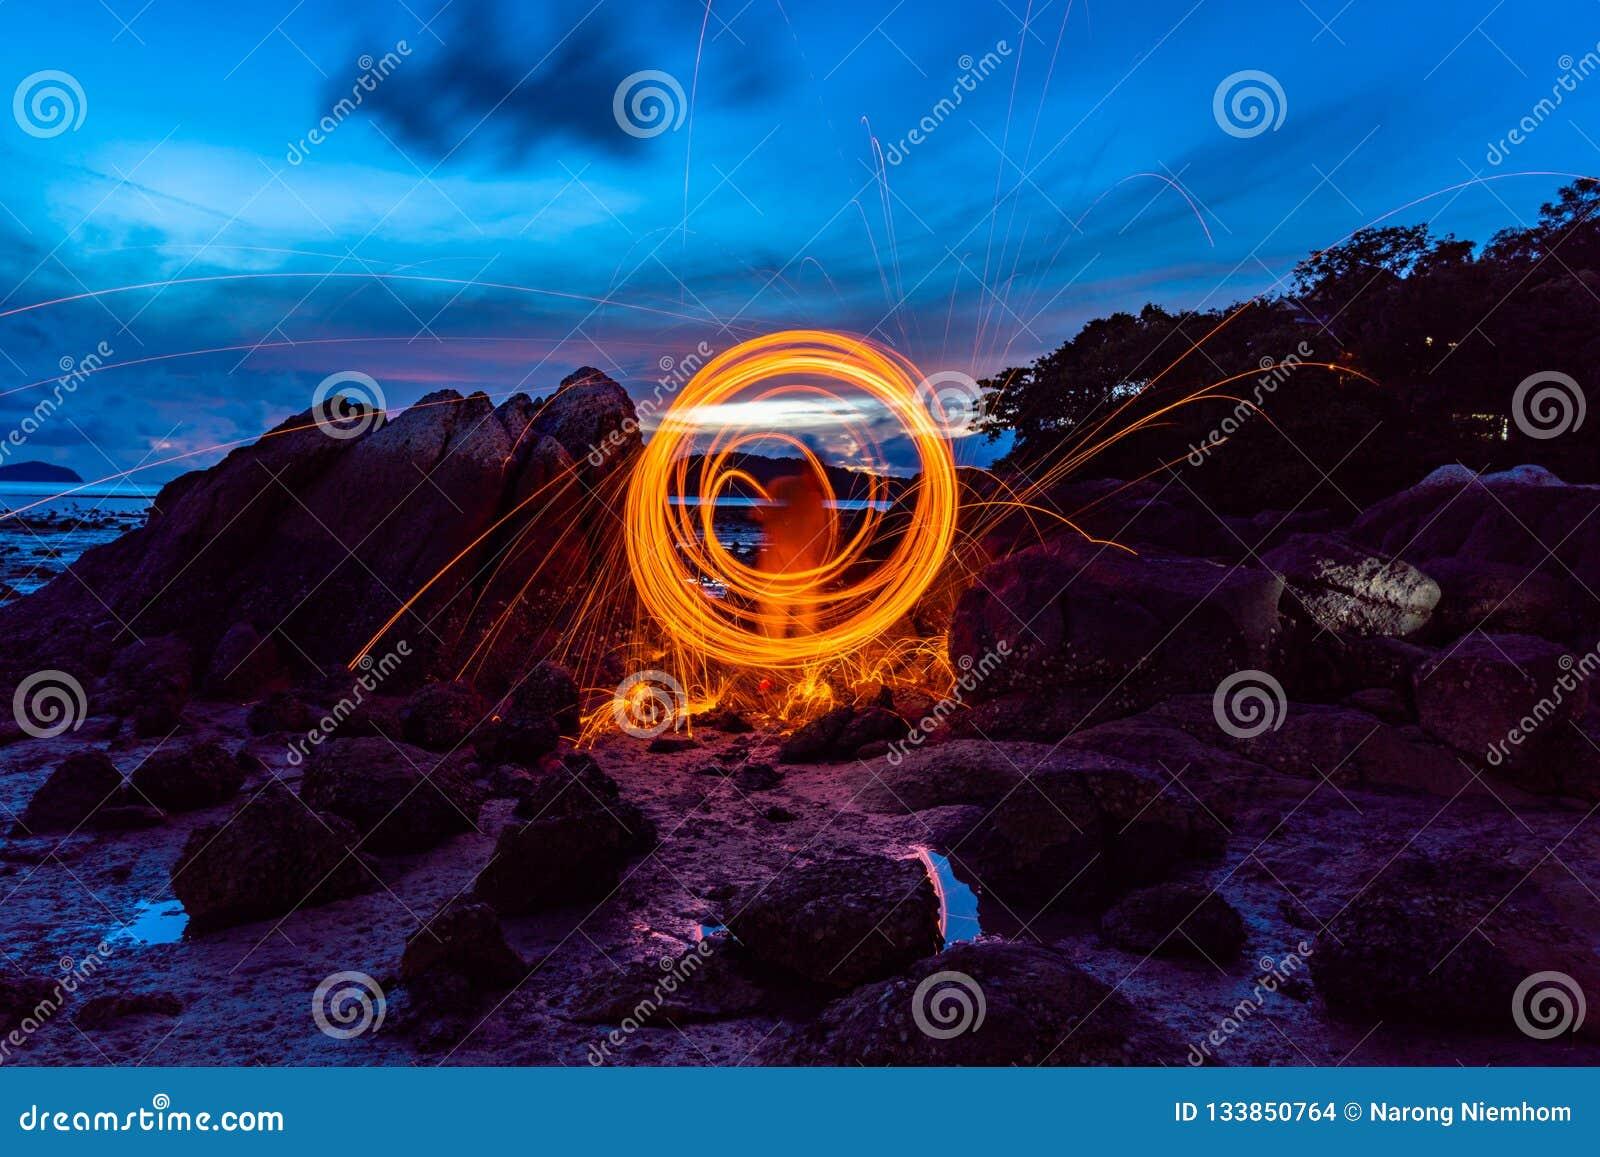 steel wool fire work on the rock